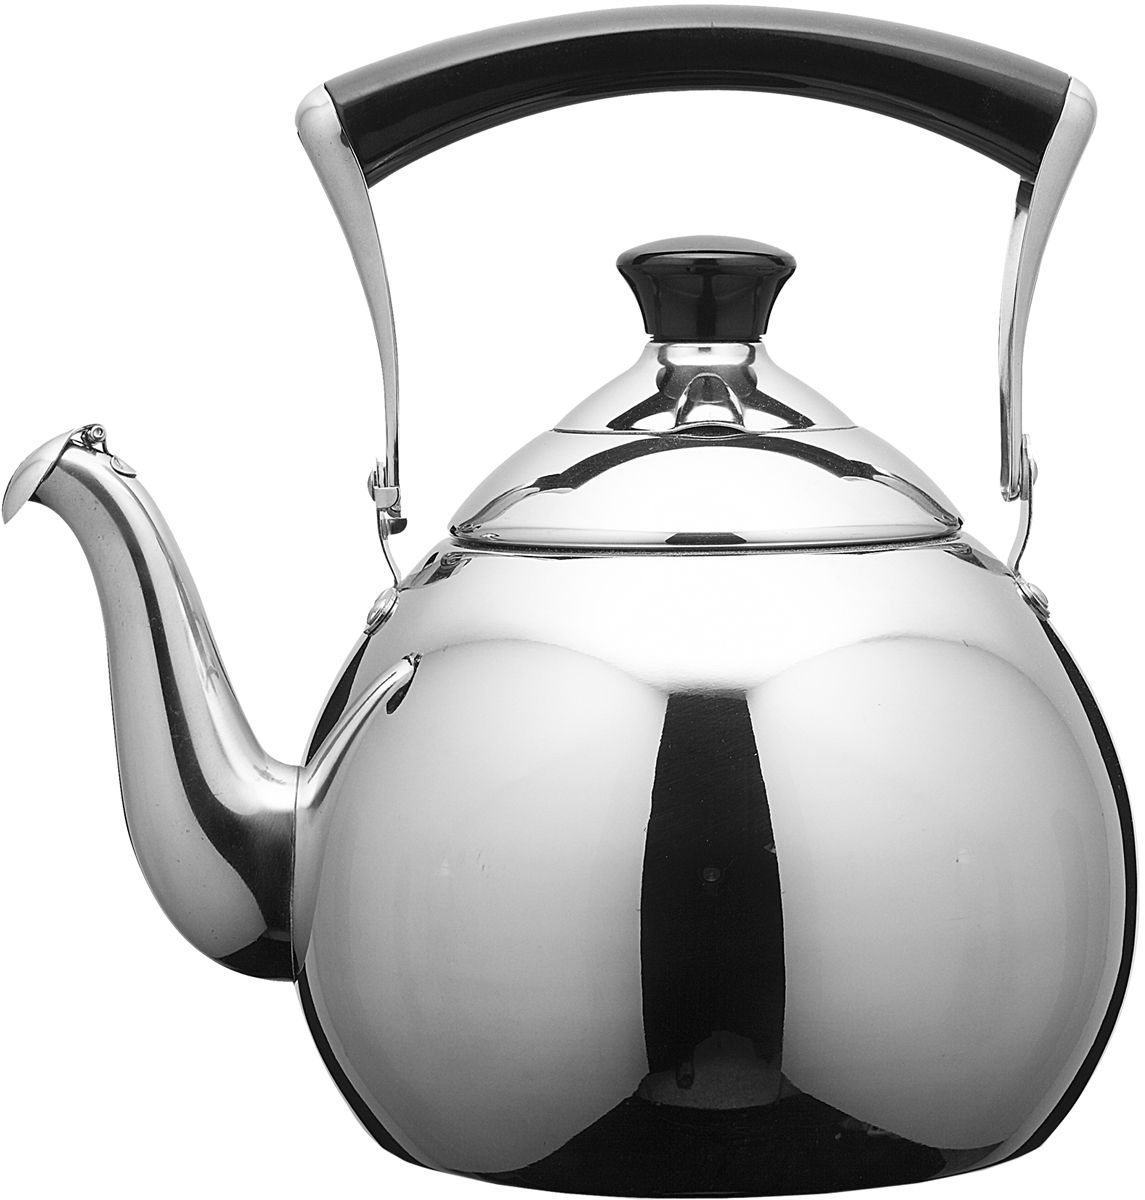 Чайник Fissman Jasmine Pearl, со свистком, 1 л чайник fissman petite fleur для кипячения воды и заваривания чая 1 2 л